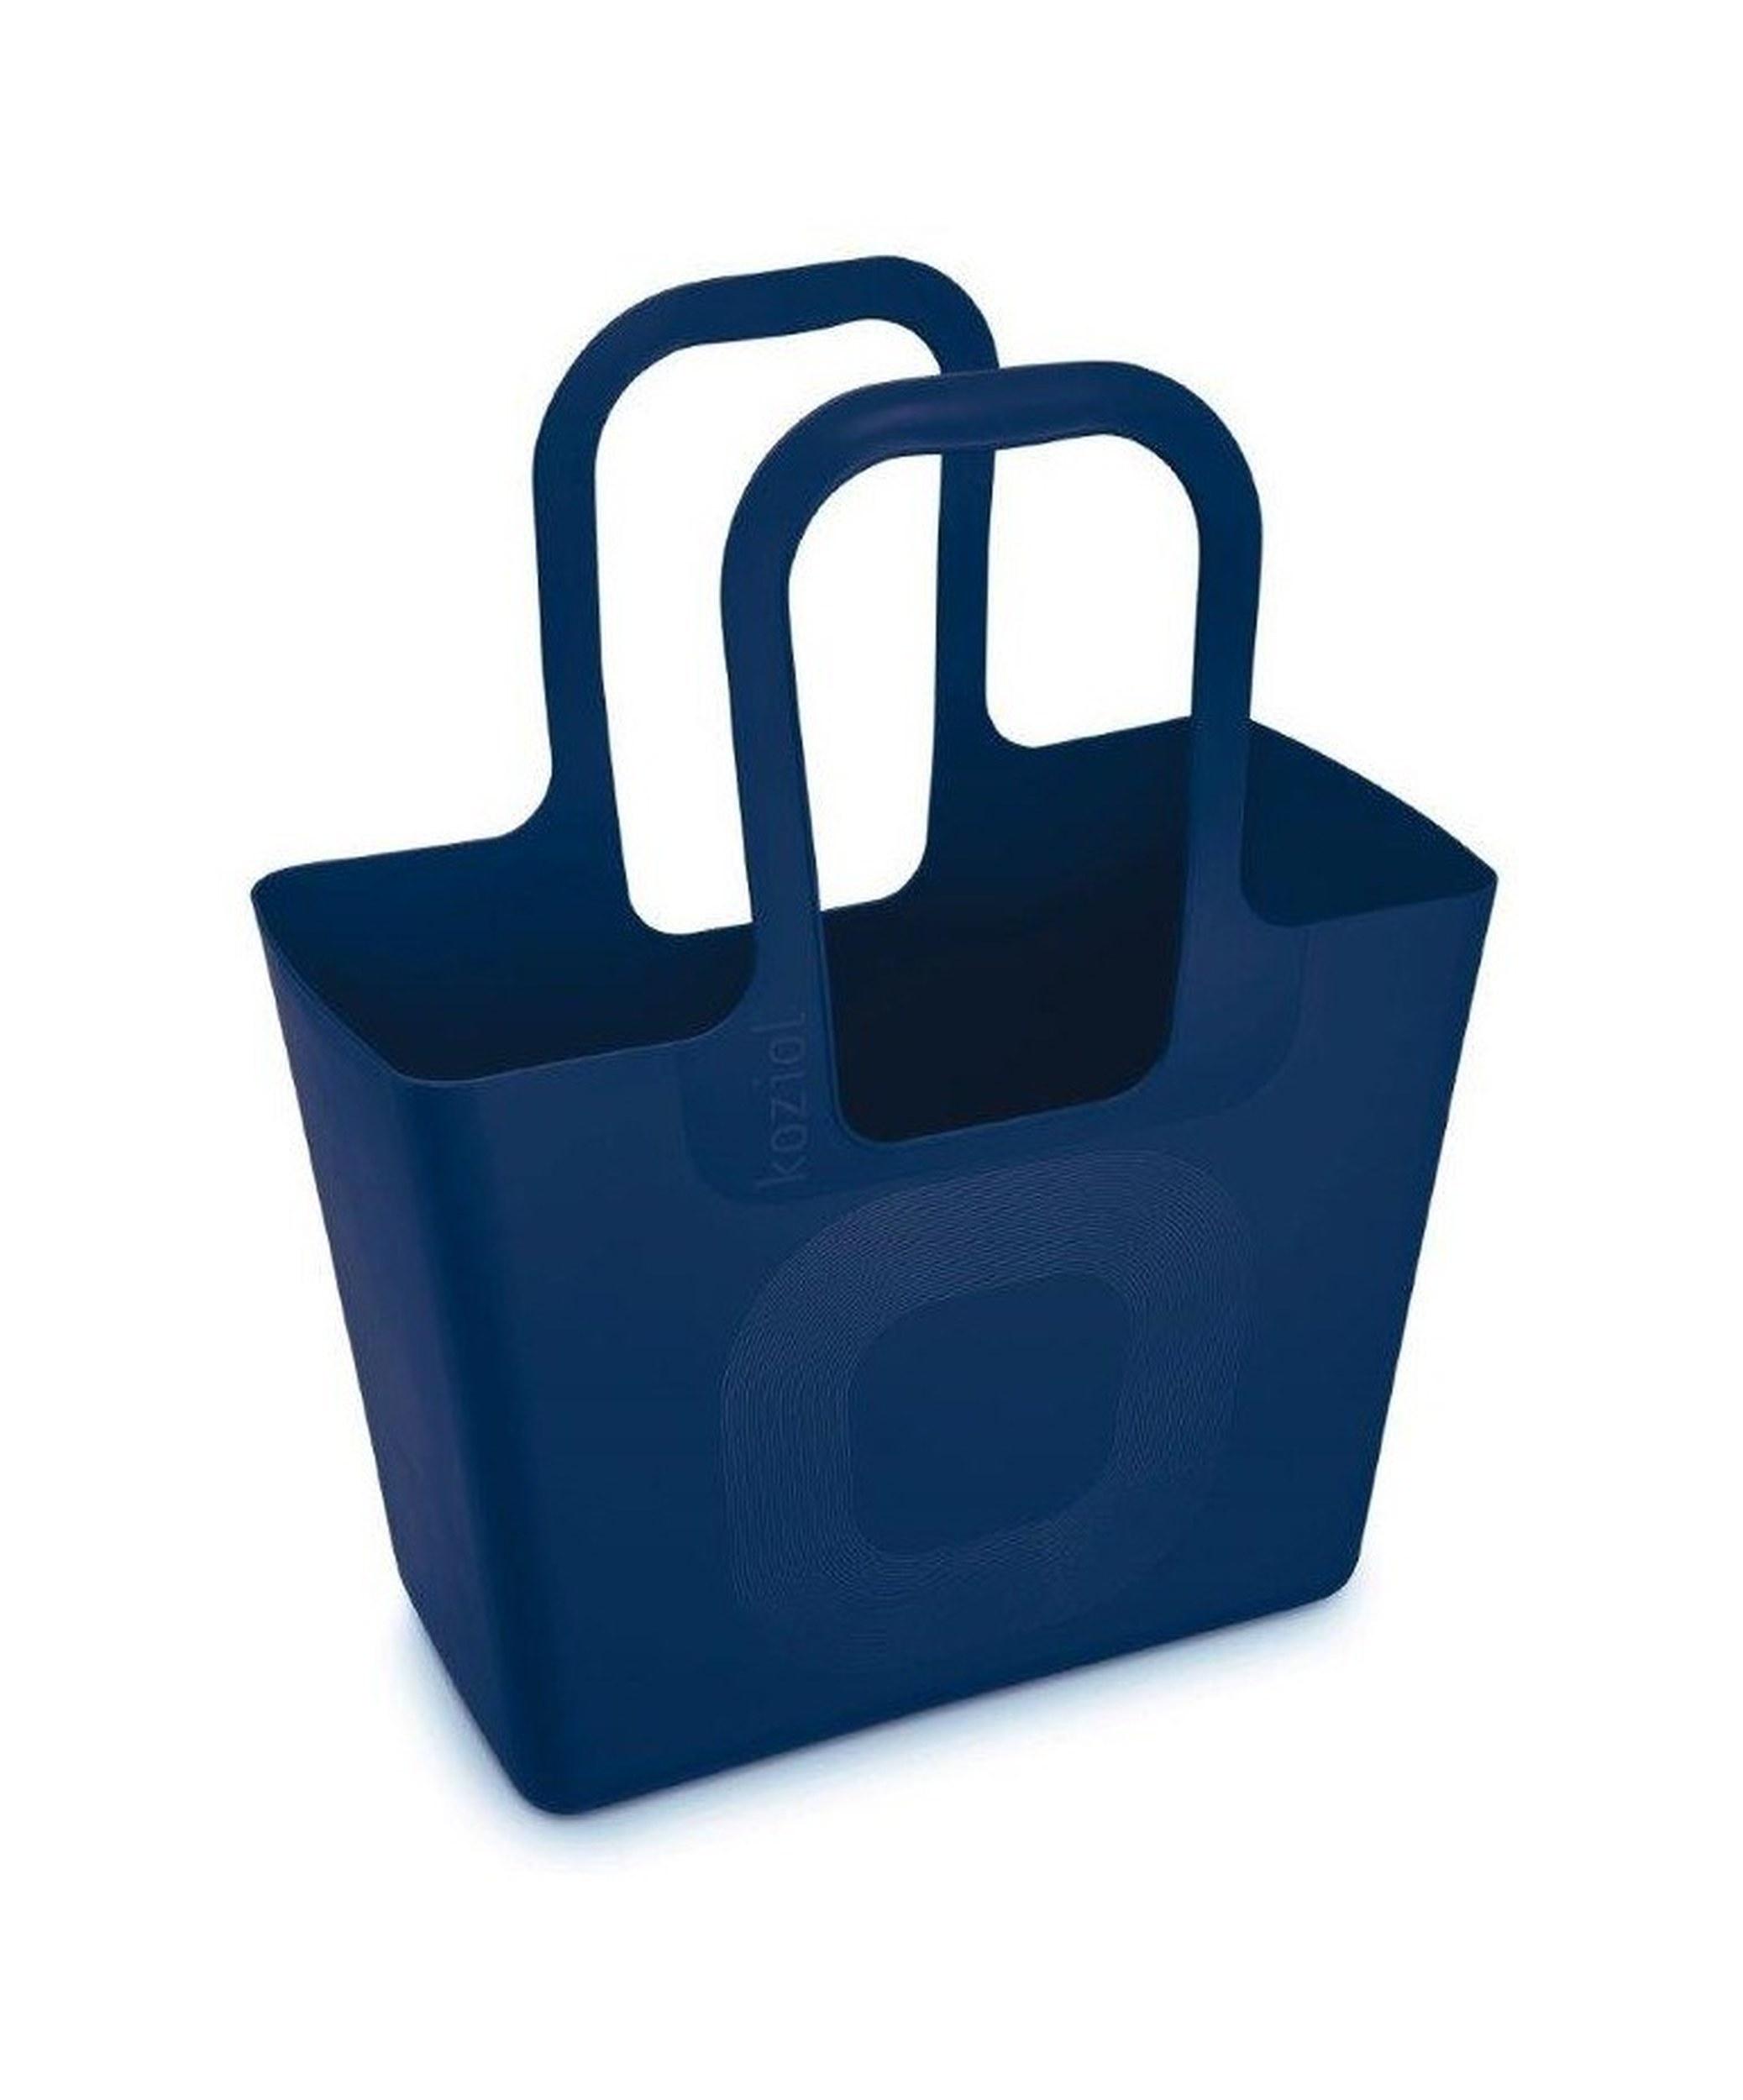 Torba Tasche XL welwetowy błękit